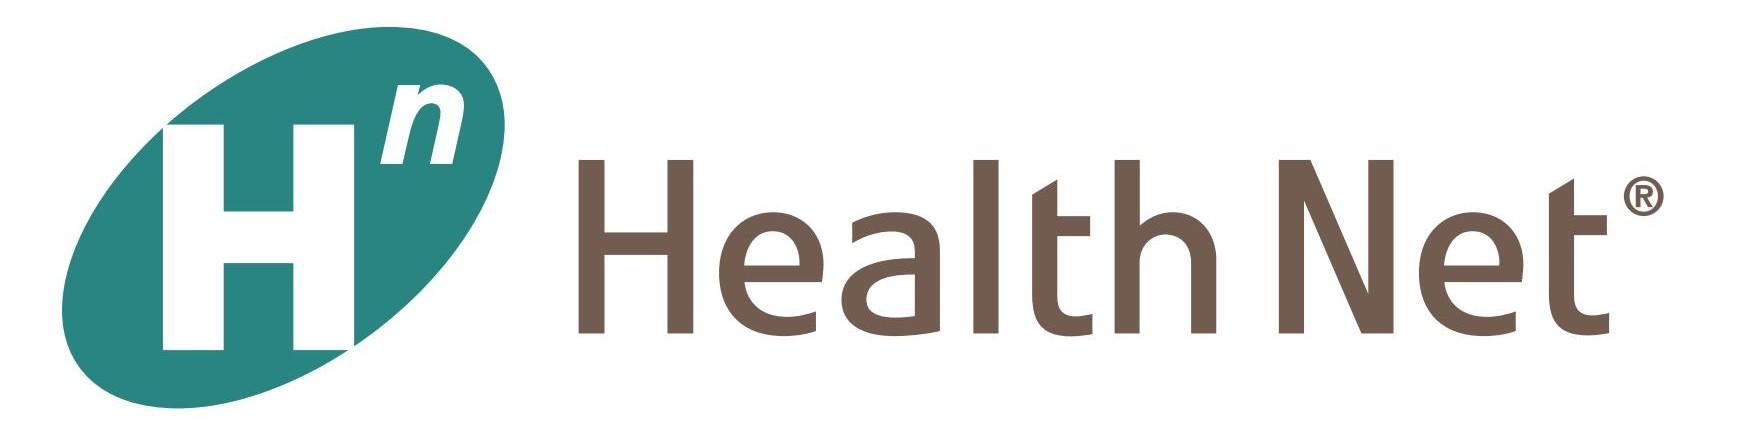 health-net-logo.jpg